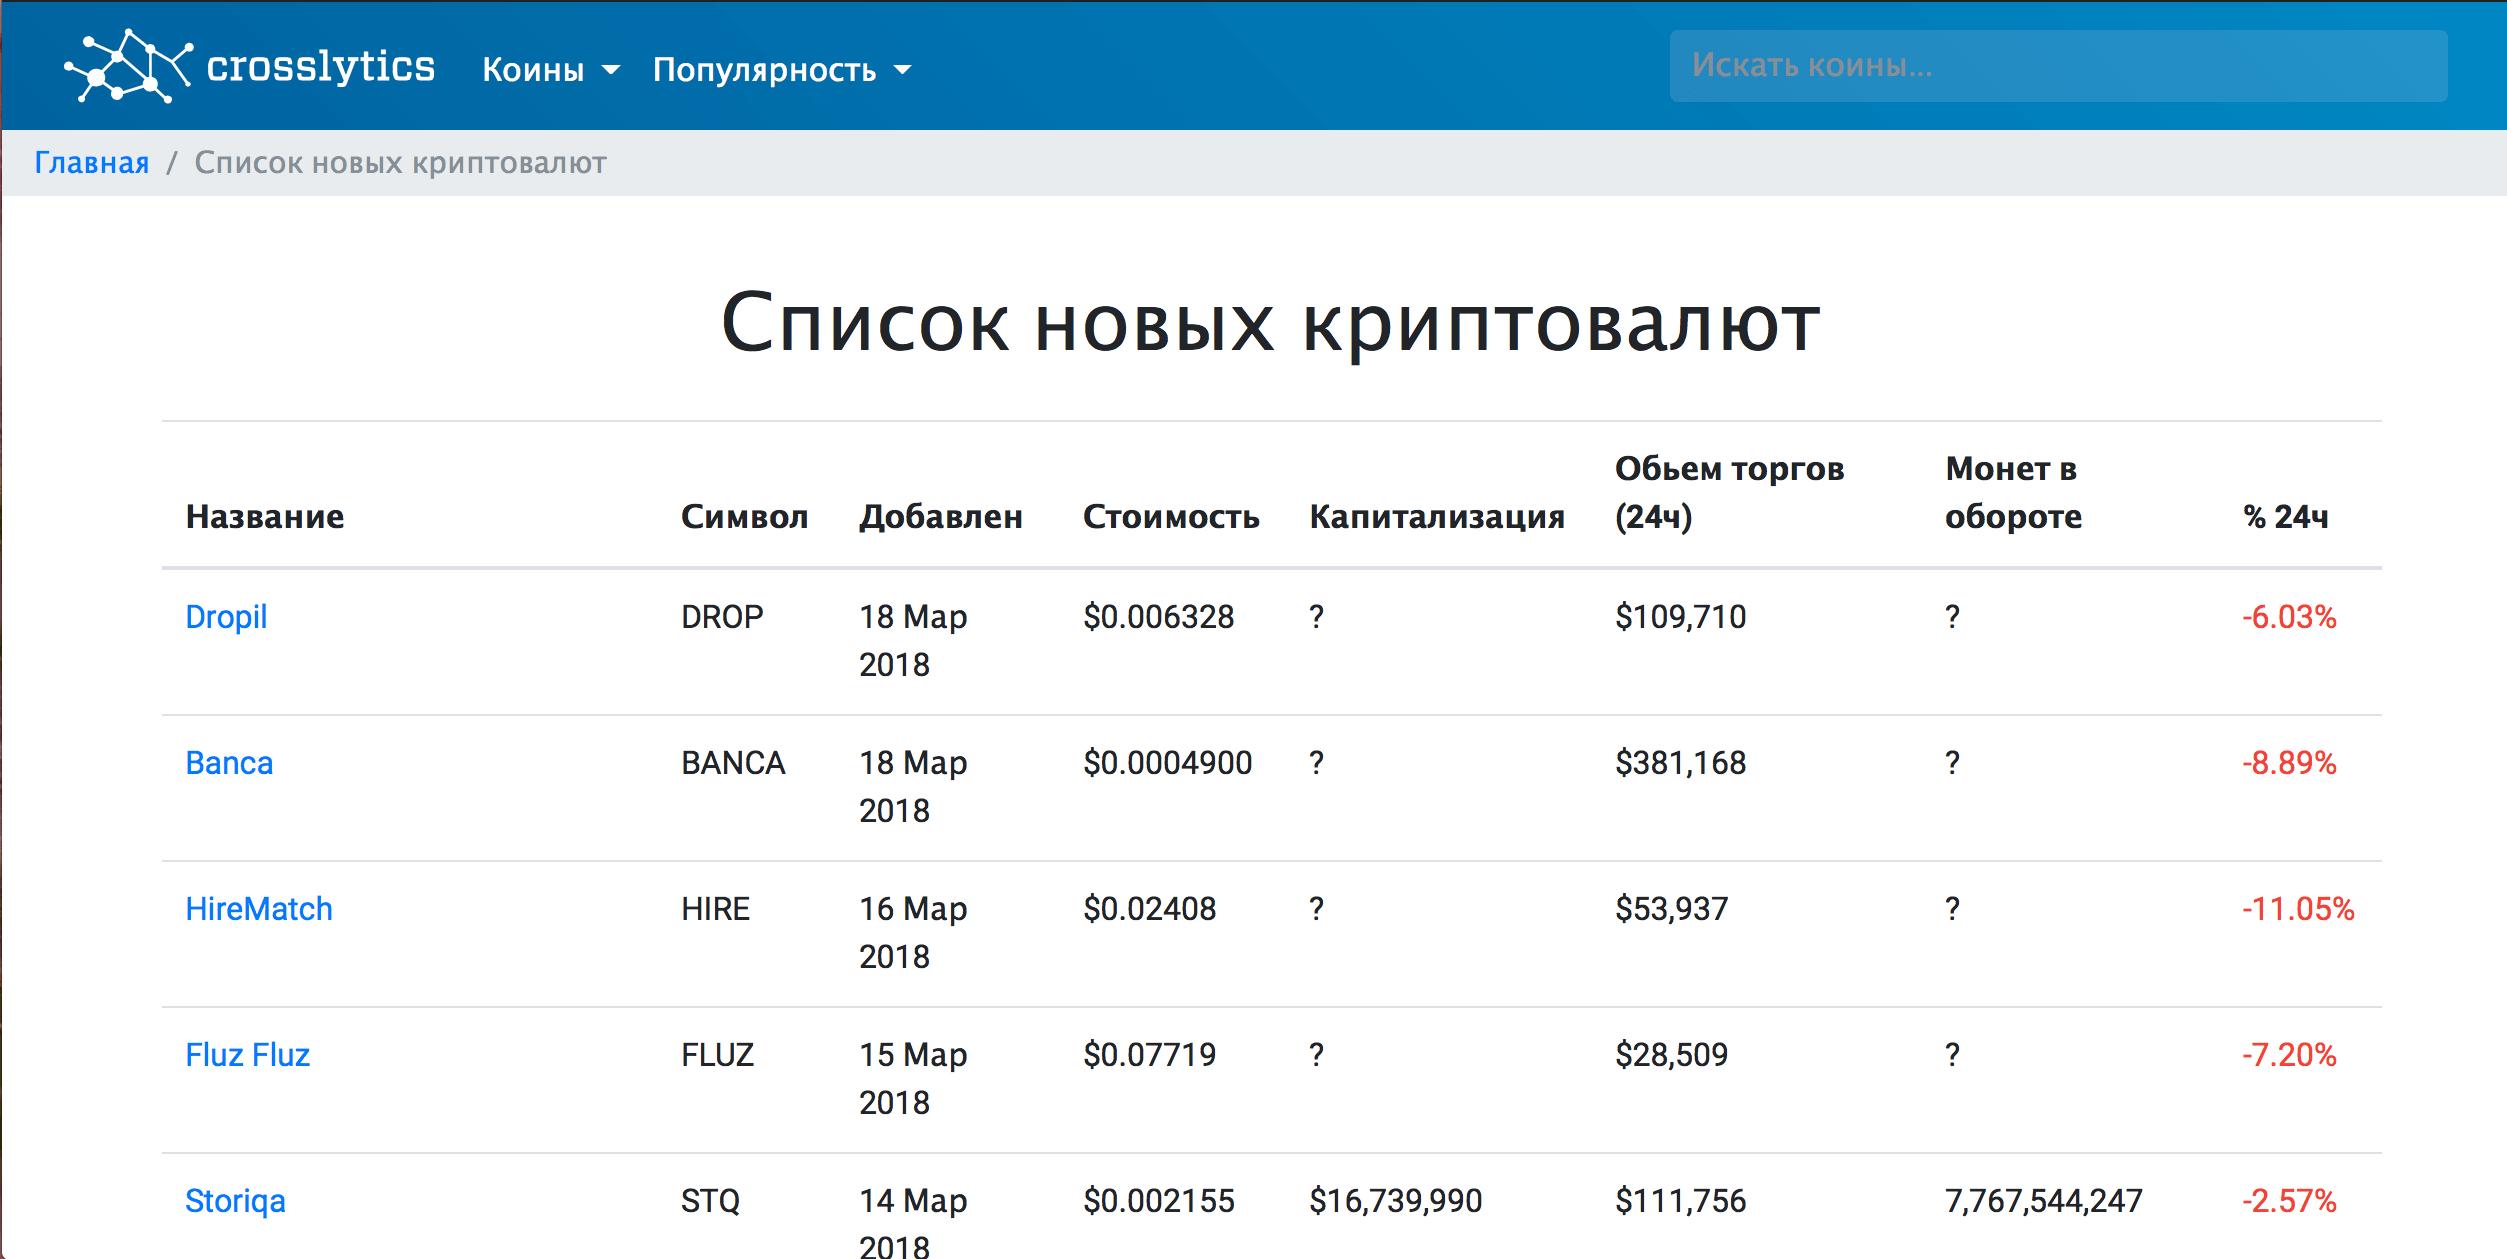 Список новых криптовалют